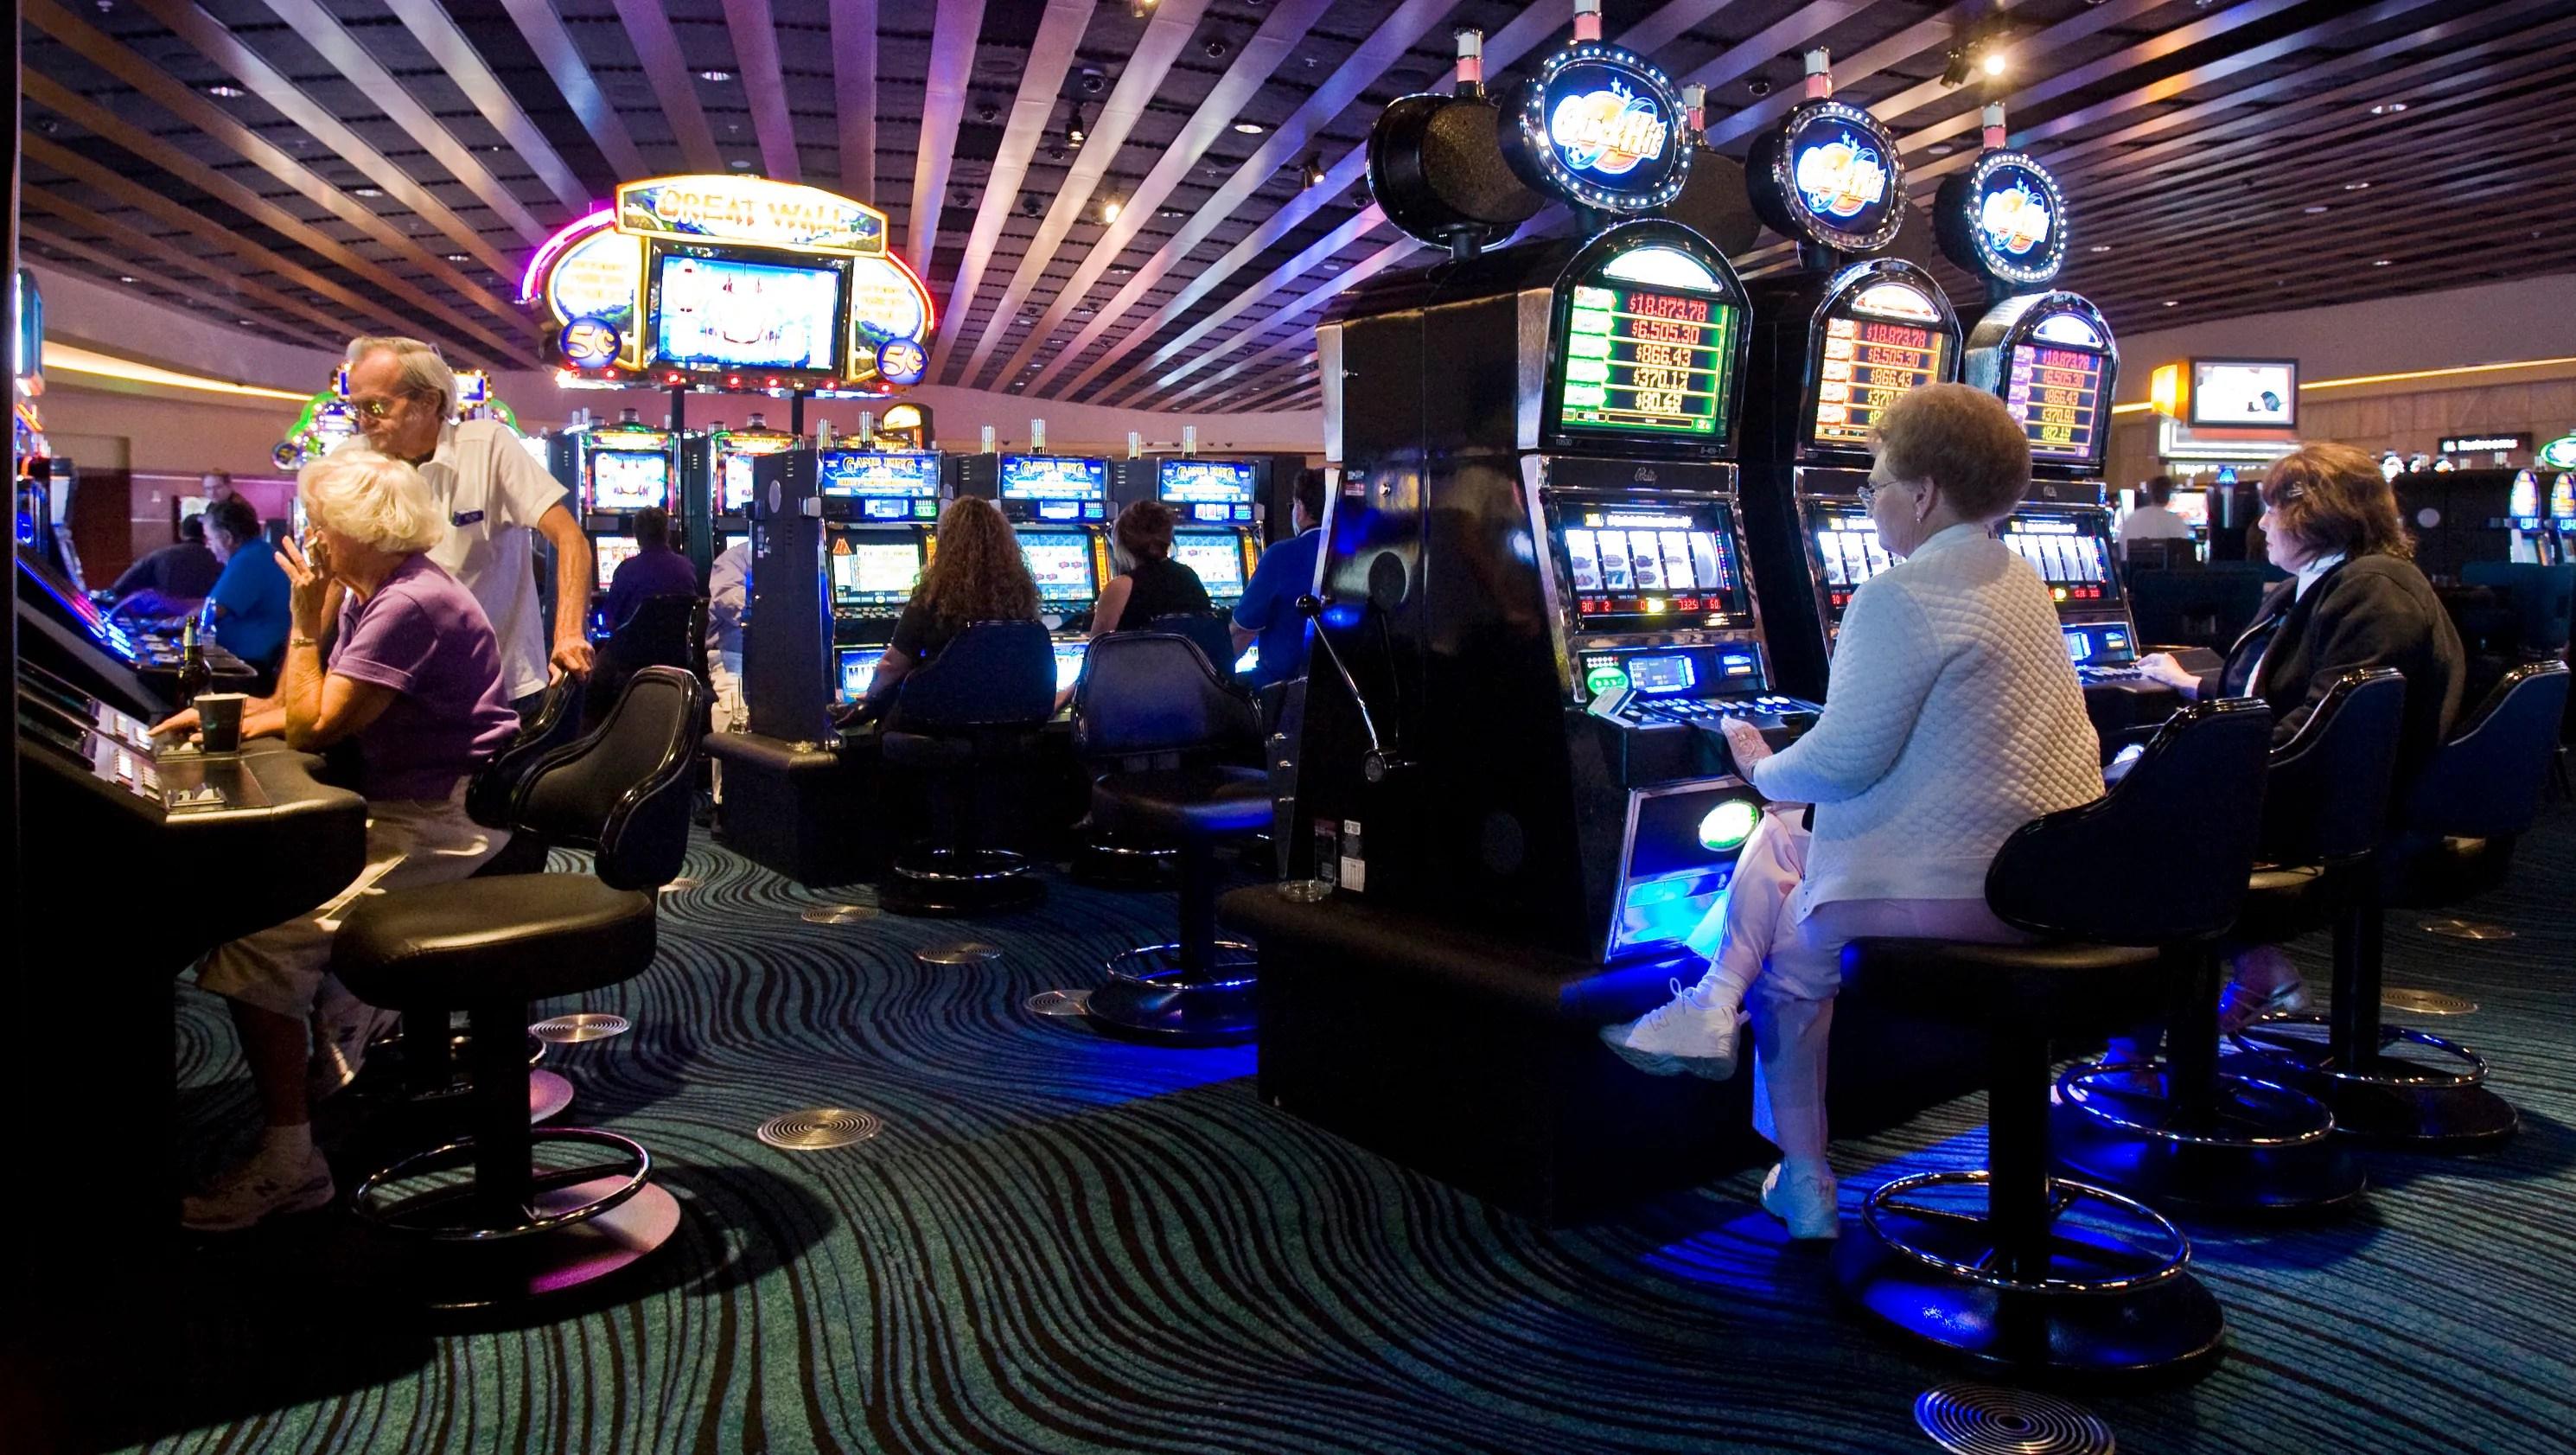 Ten Of The Best Casinos In Phoenix And Arizona To Gamble